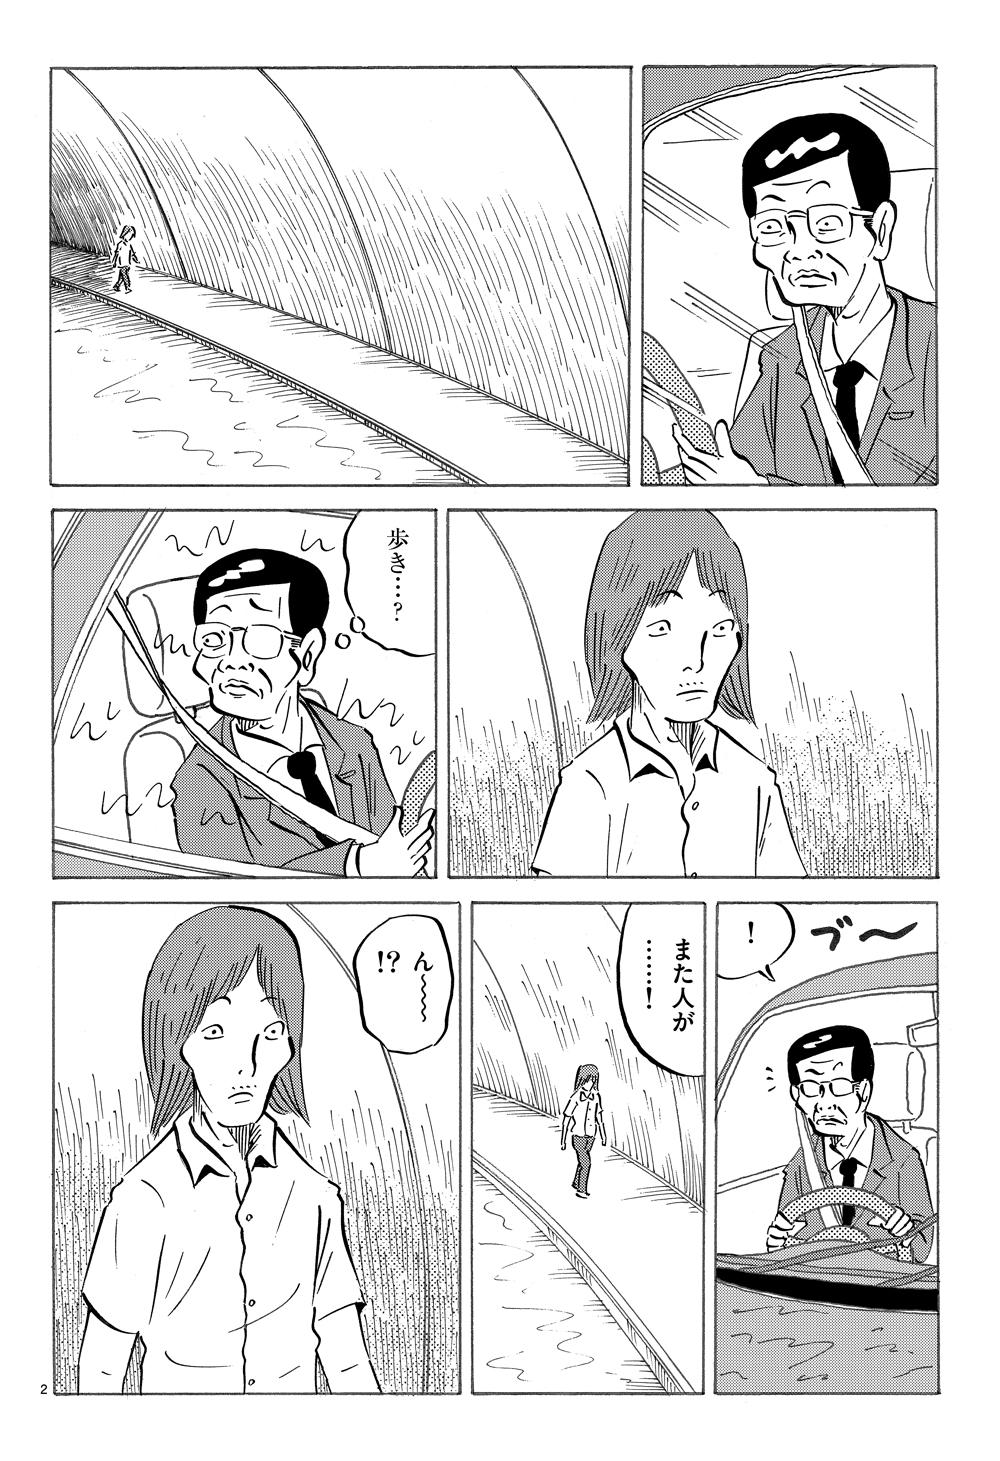 琉球怪談 【第5話】WEB掲載2ページ目画像